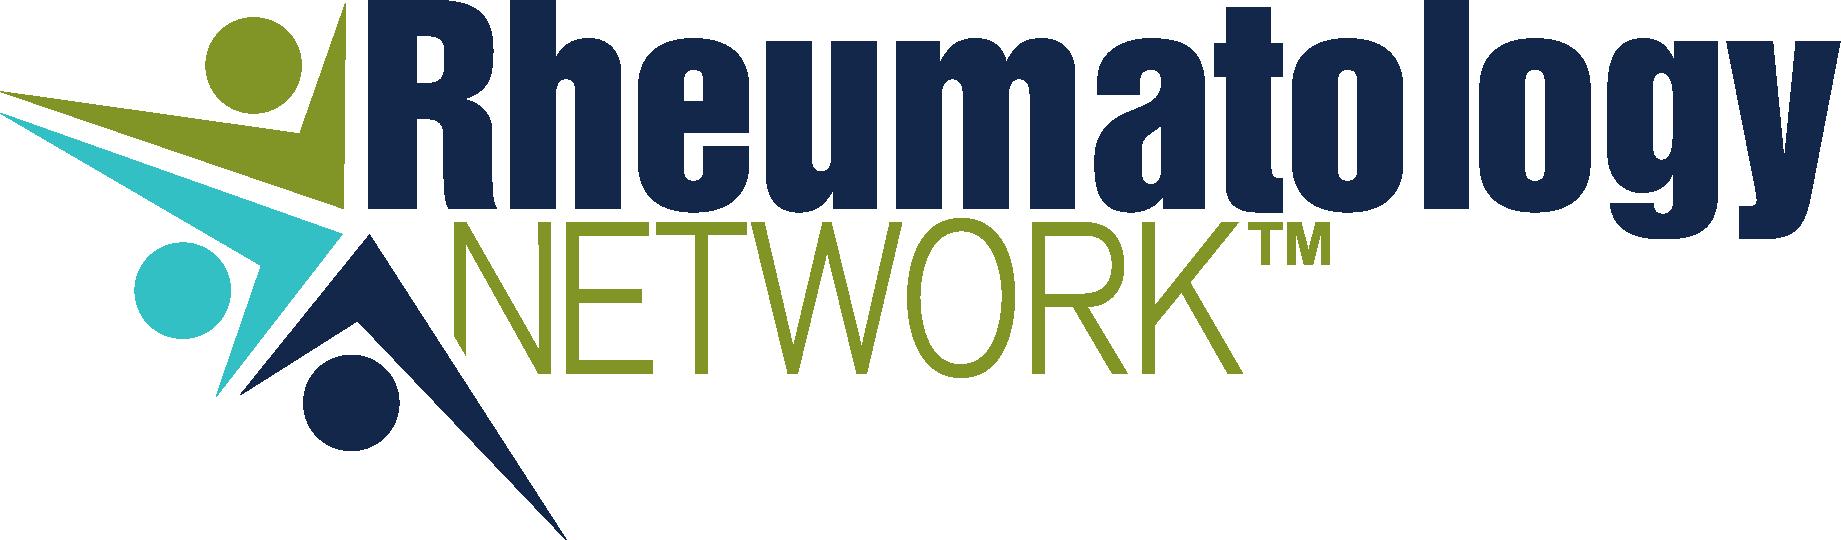 Rheumatology Network